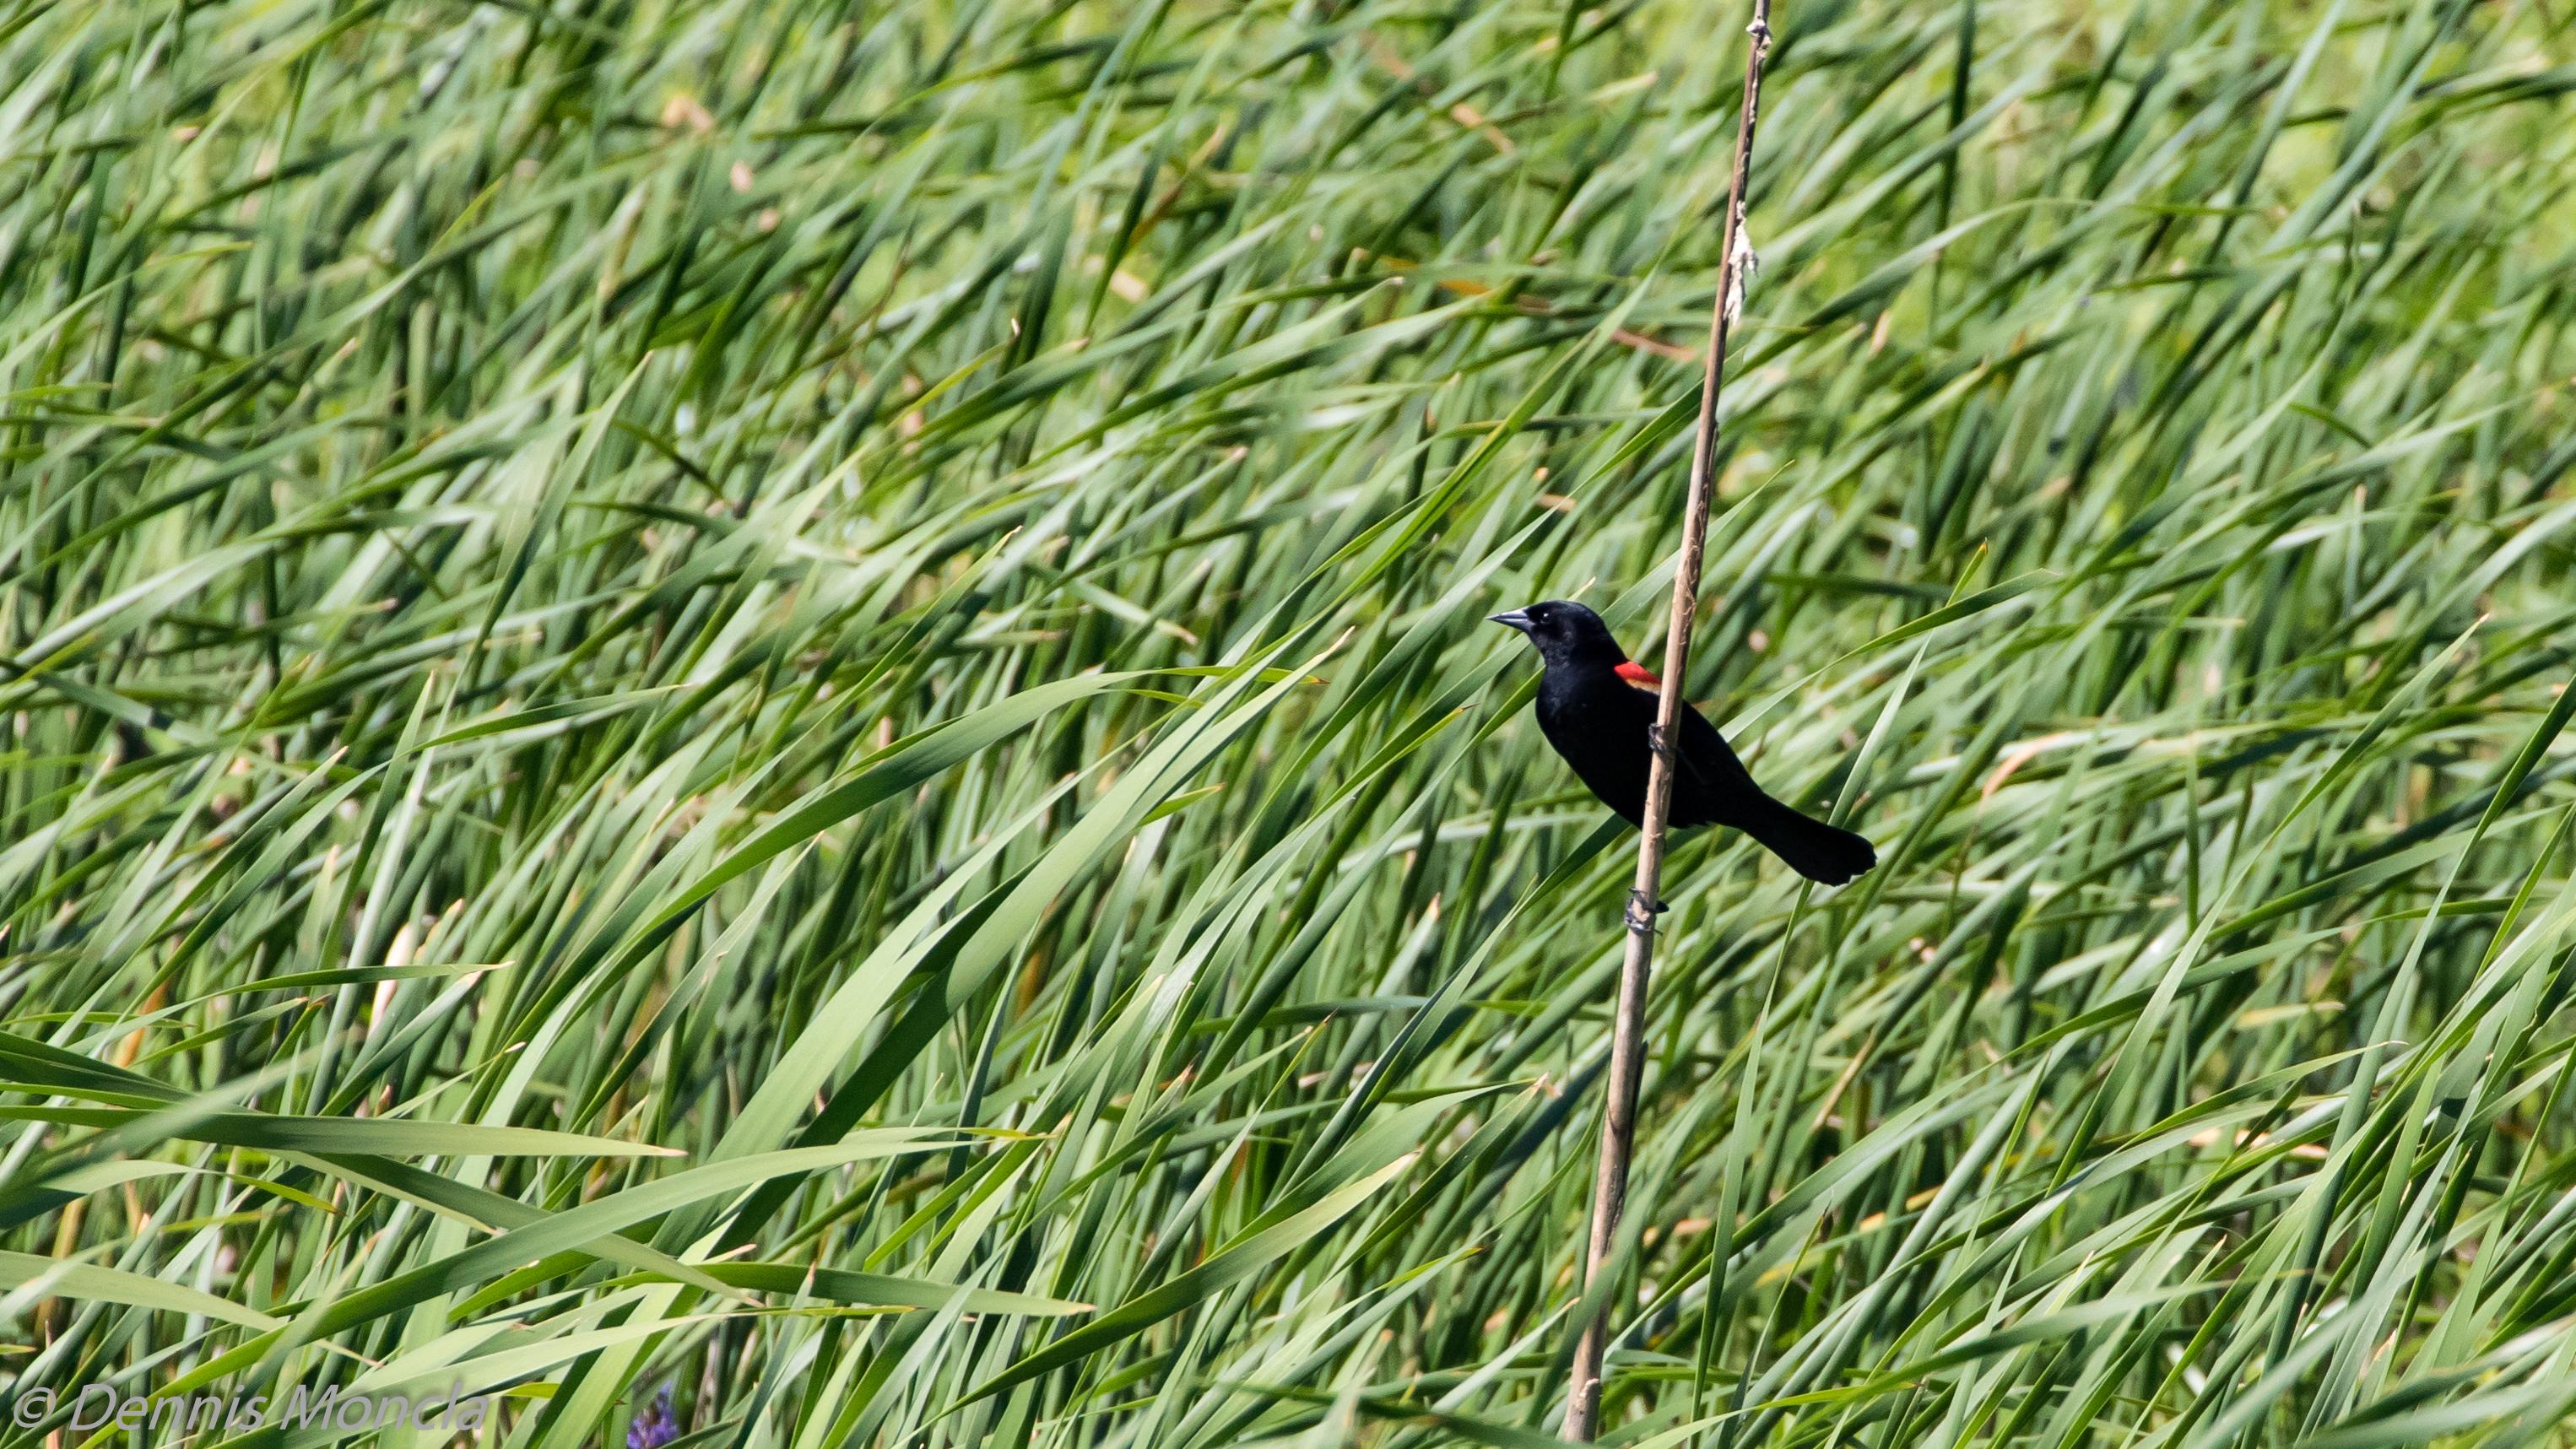 Red Wing Black Bird in Grass.jpg